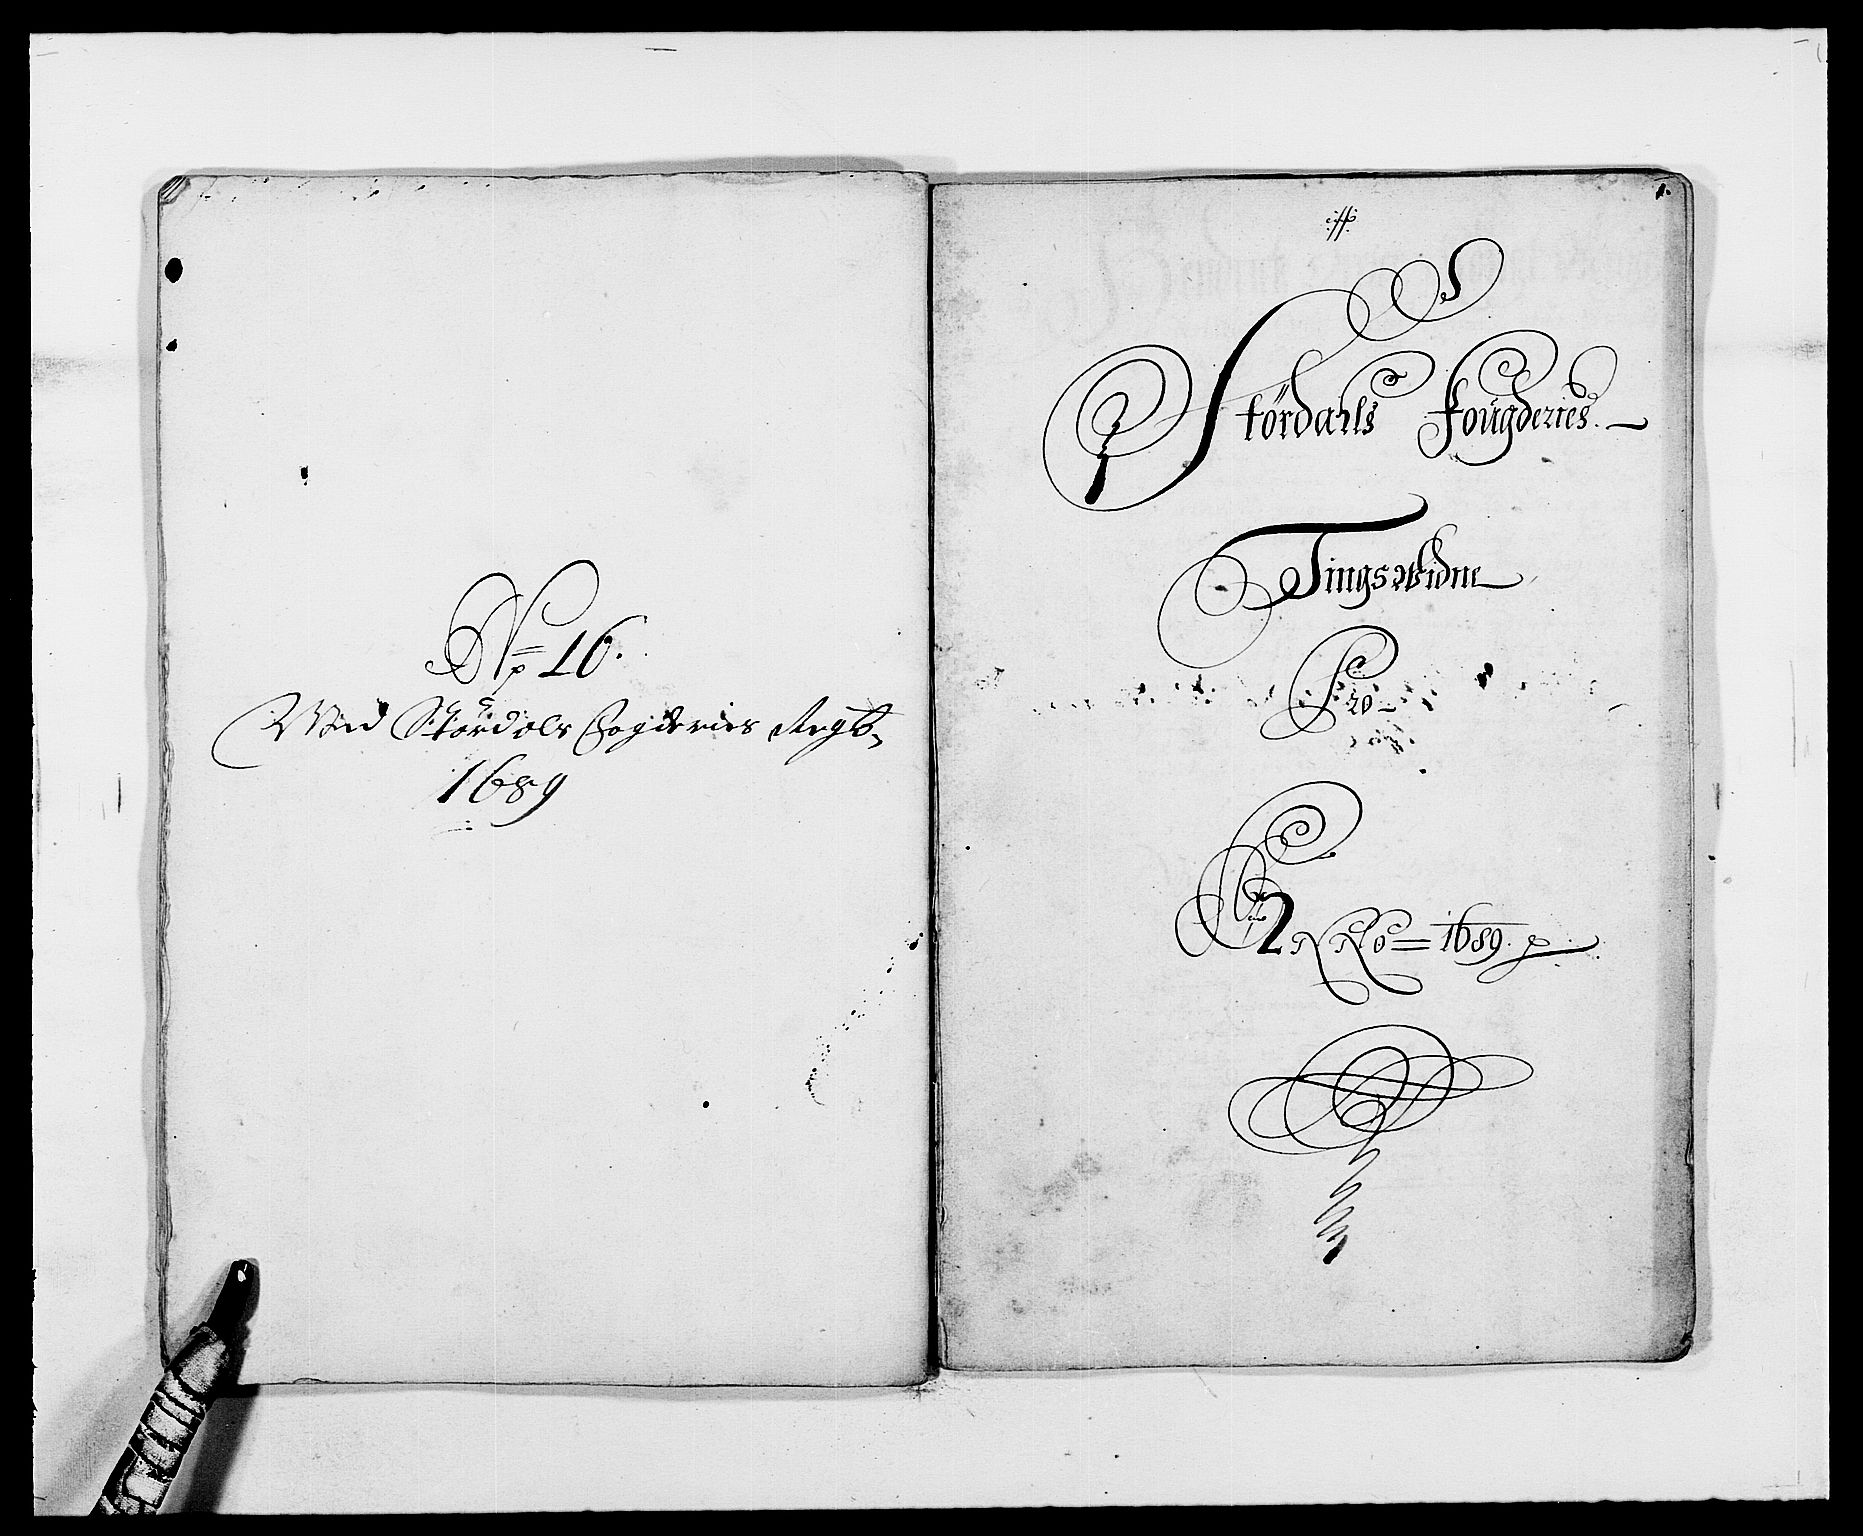 RA, Rentekammeret inntil 1814, Reviderte regnskaper, Fogderegnskap, R62/L4183: Fogderegnskap Stjørdal og Verdal, 1687-1689, s. 443